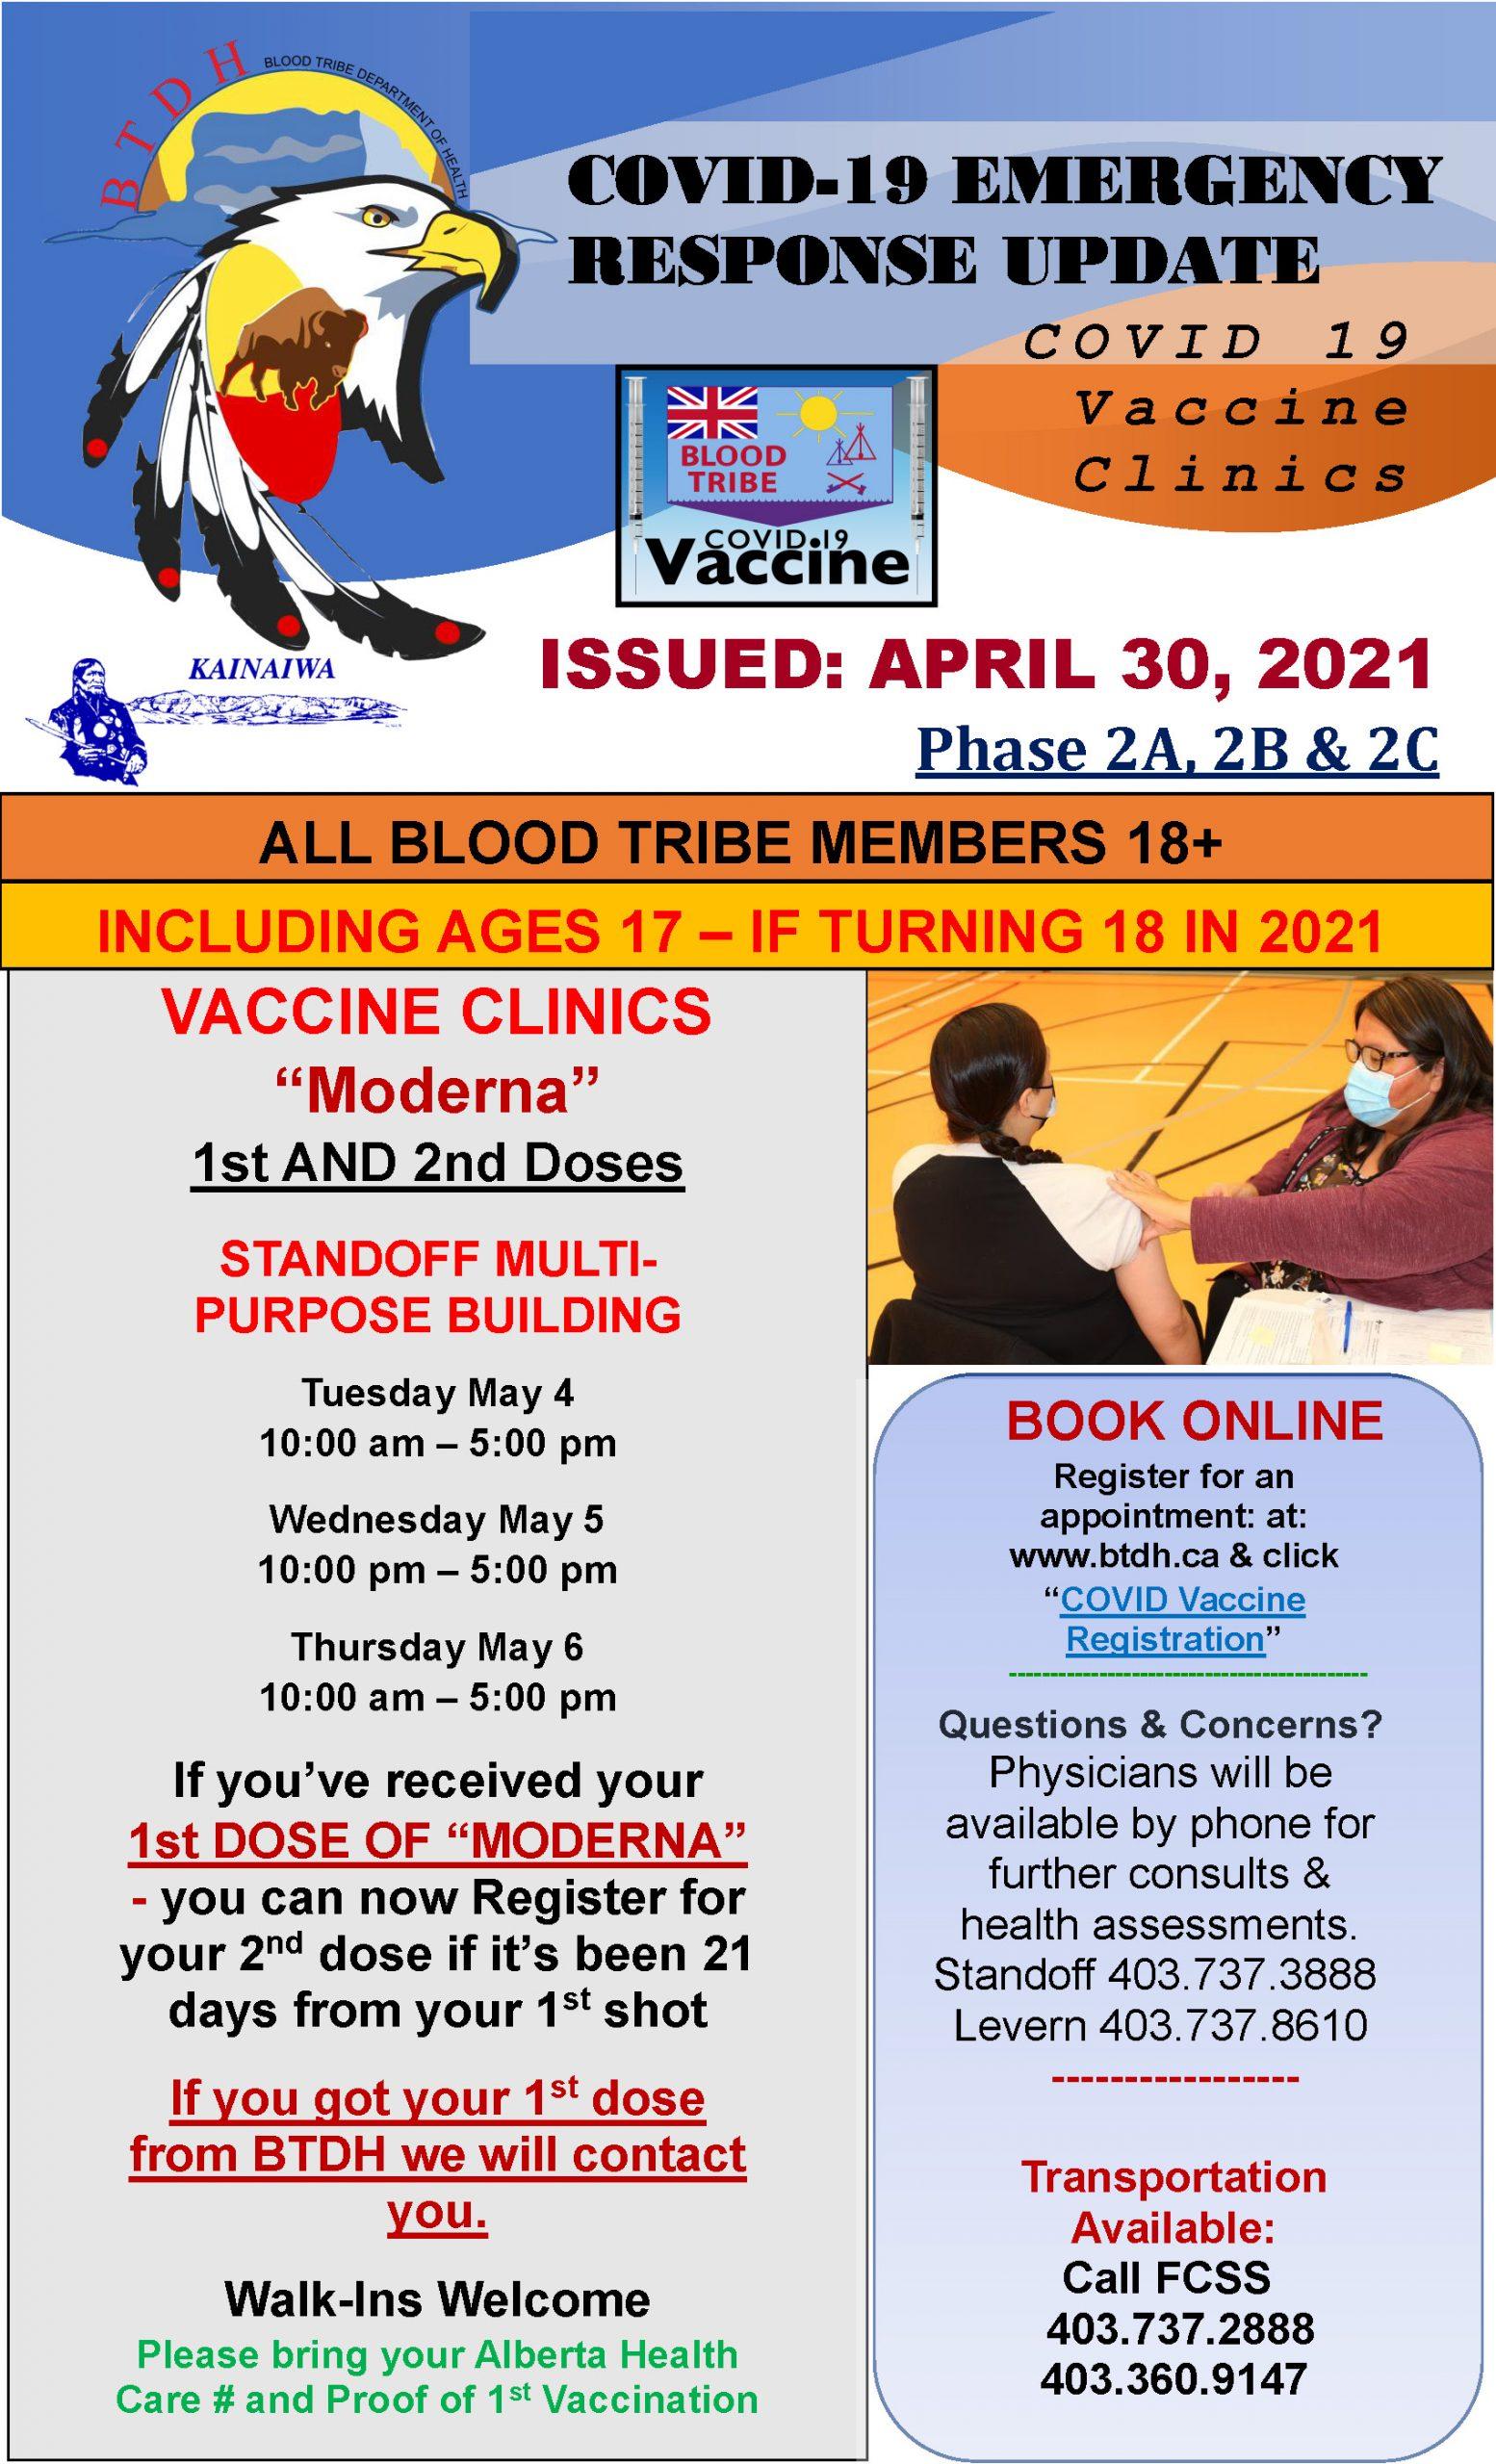 COVID-19 Vaccine Clinic Update - April 30, 2021